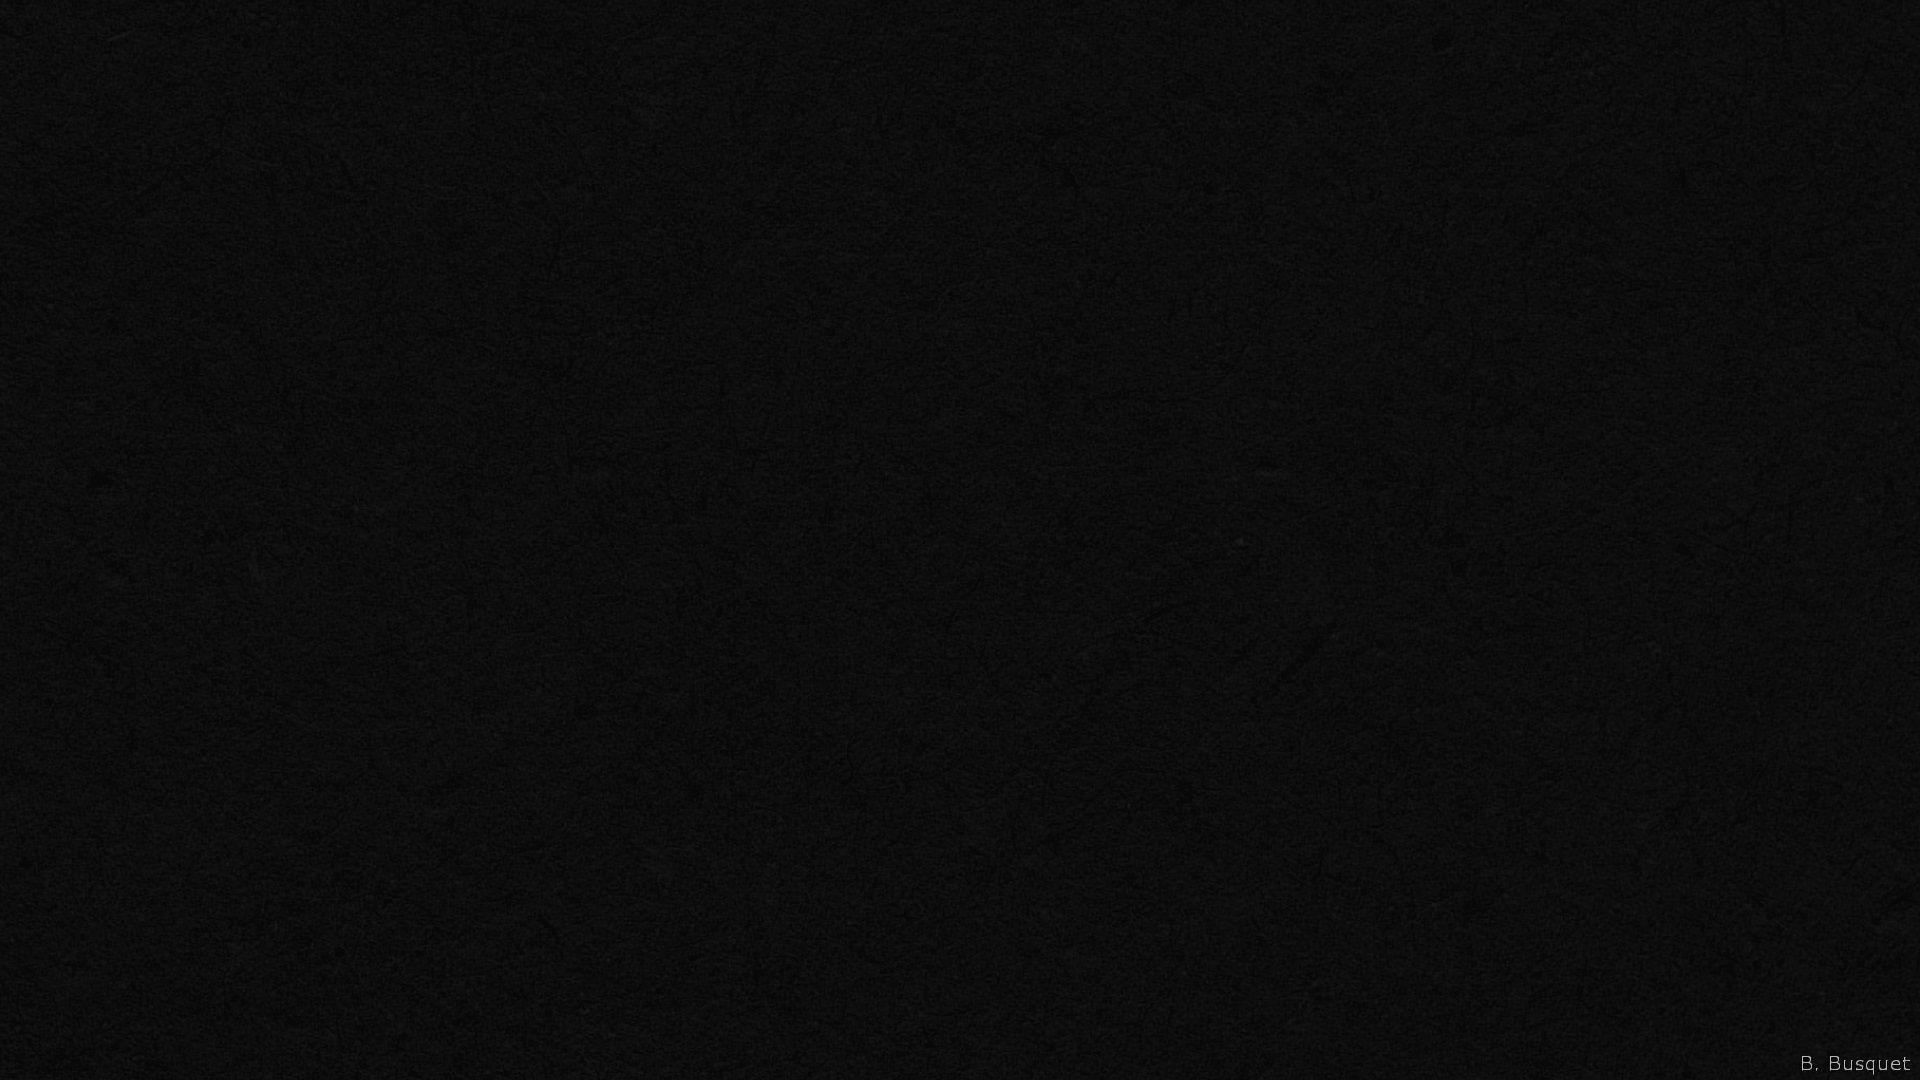 صور سوداء سادة 2